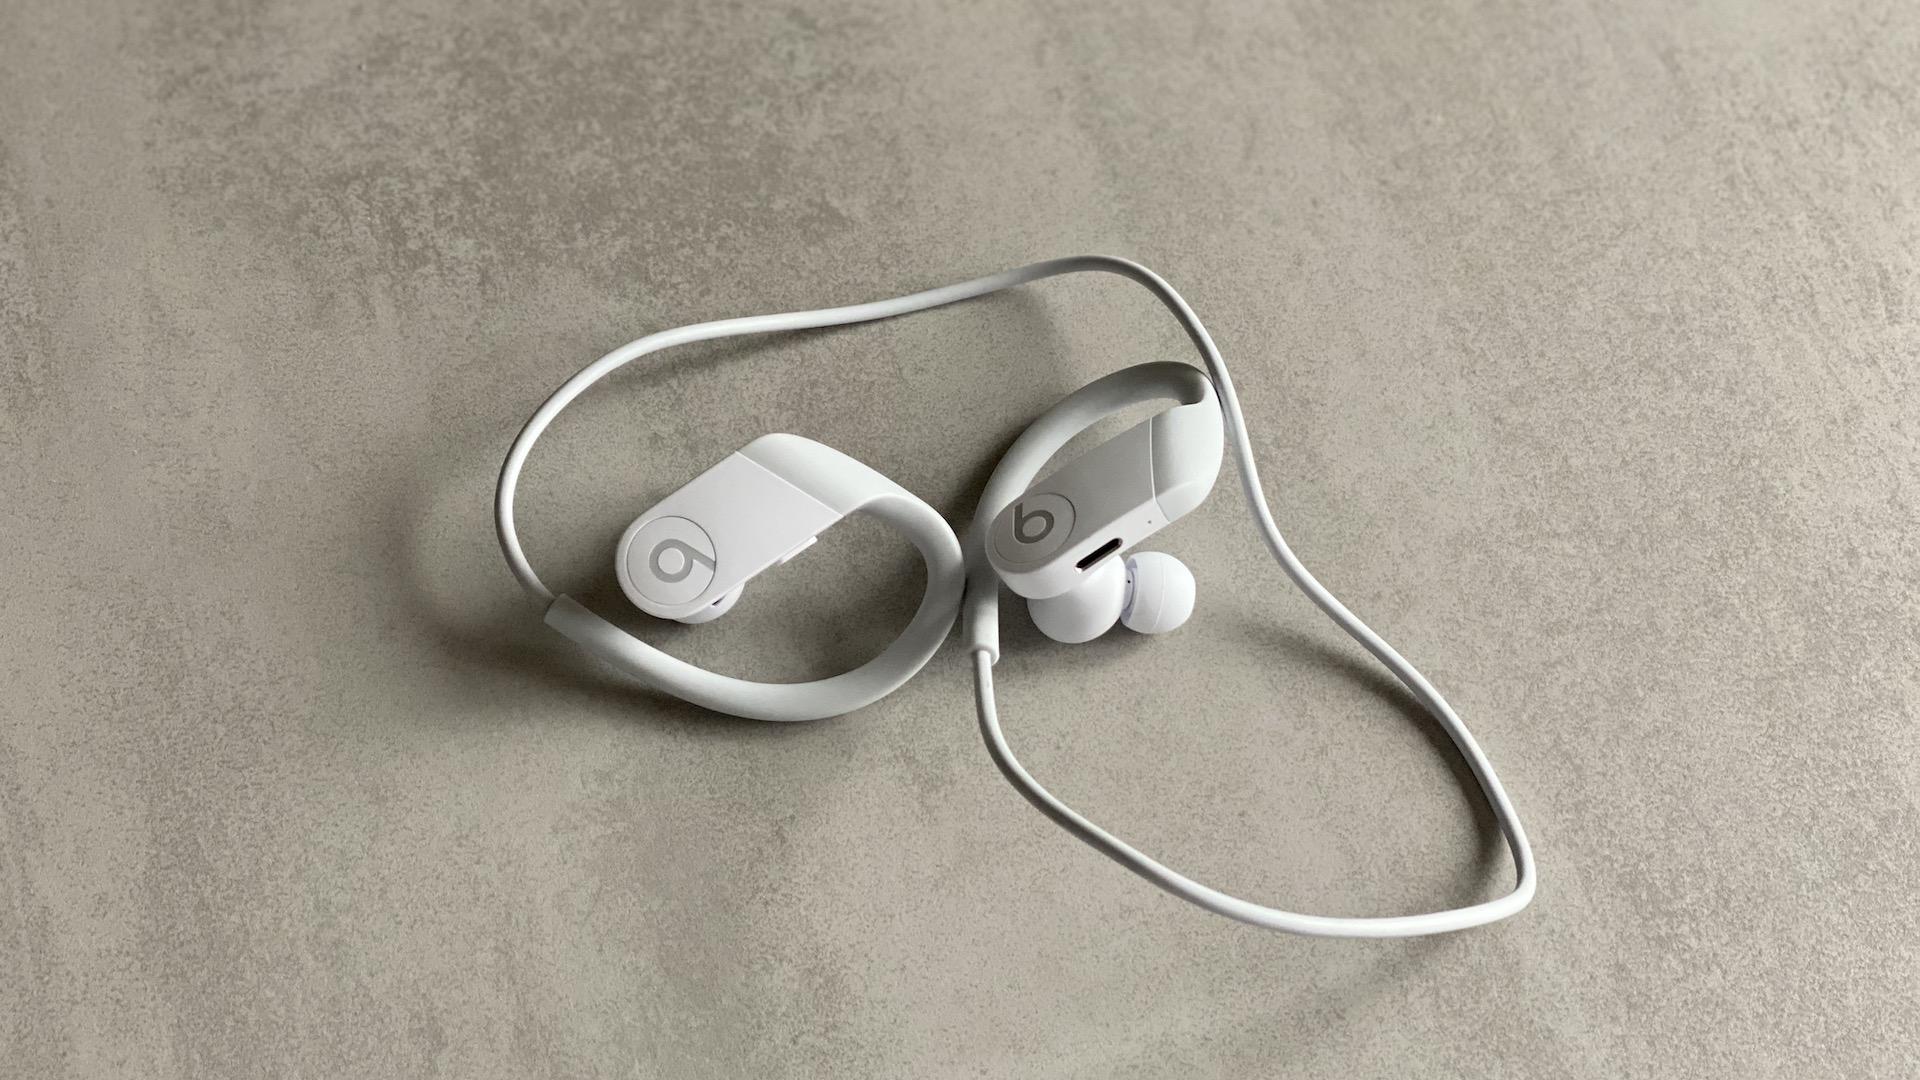 Test des écouteurs Beats Powerbeats : les mêmes que les Pro